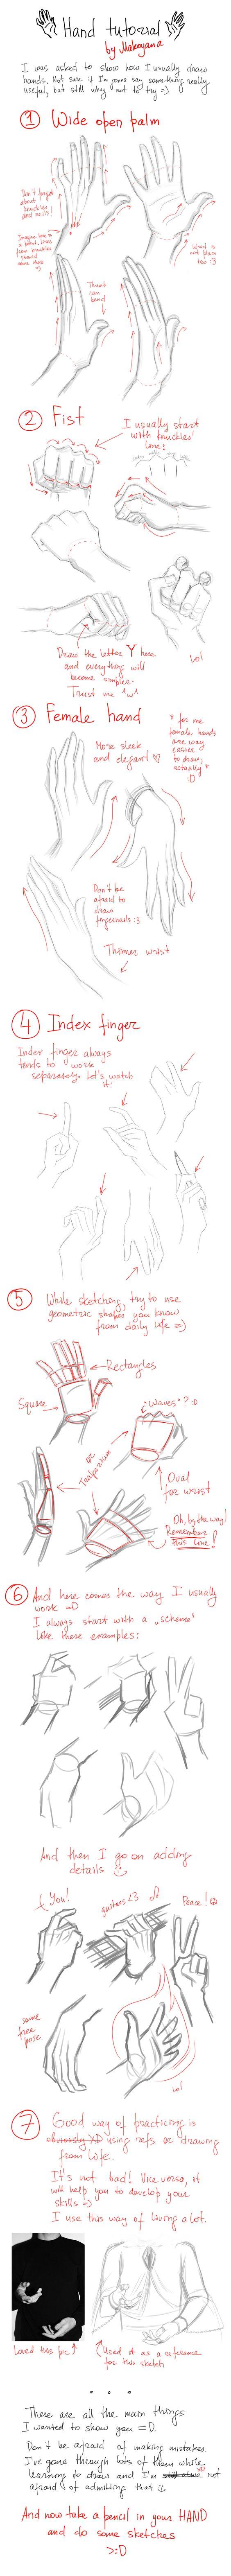 Hands tutorial by Makoyana.deviantart.com on @deviantART